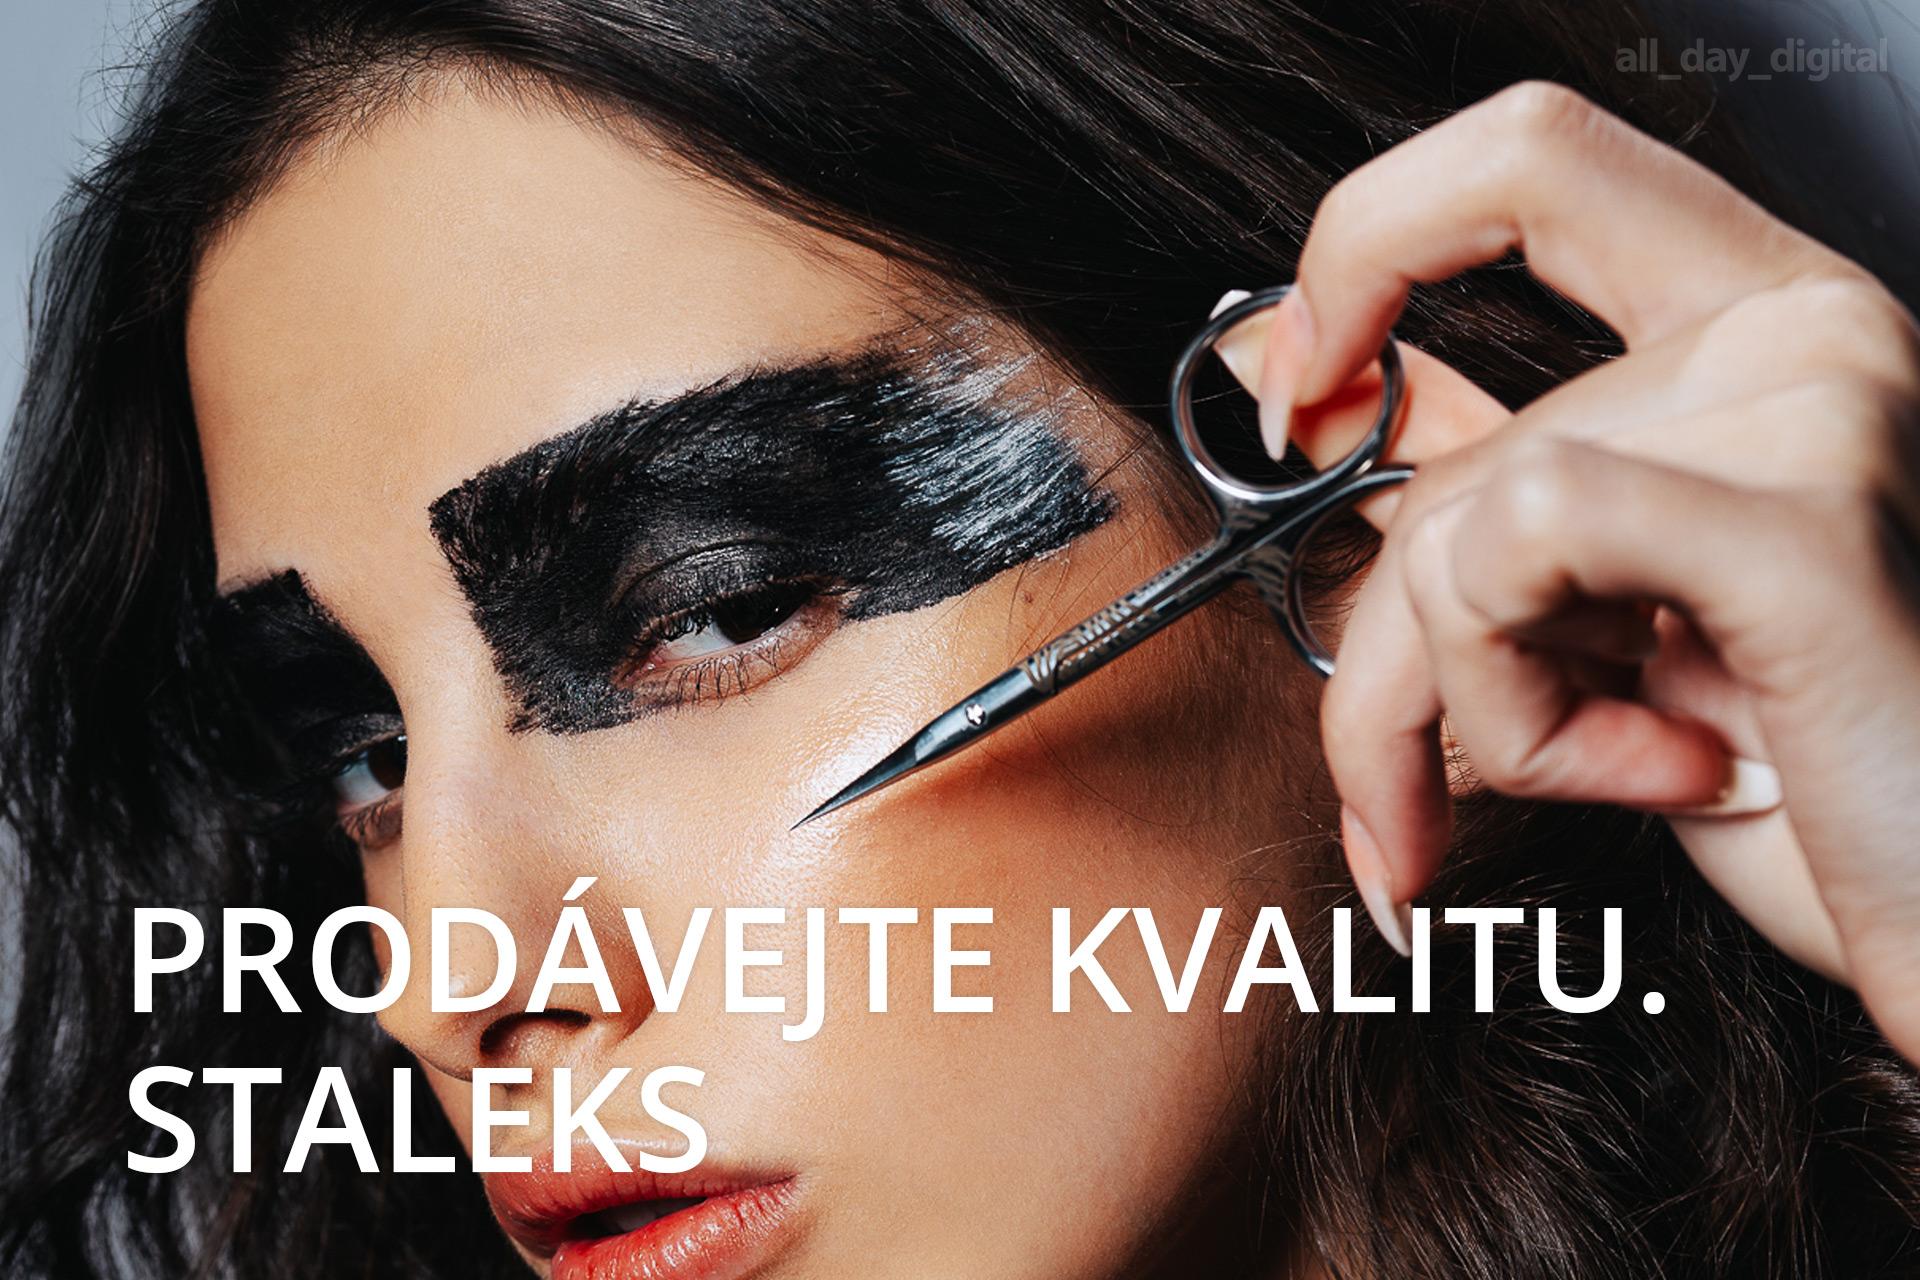 staleks-photo-prodejci